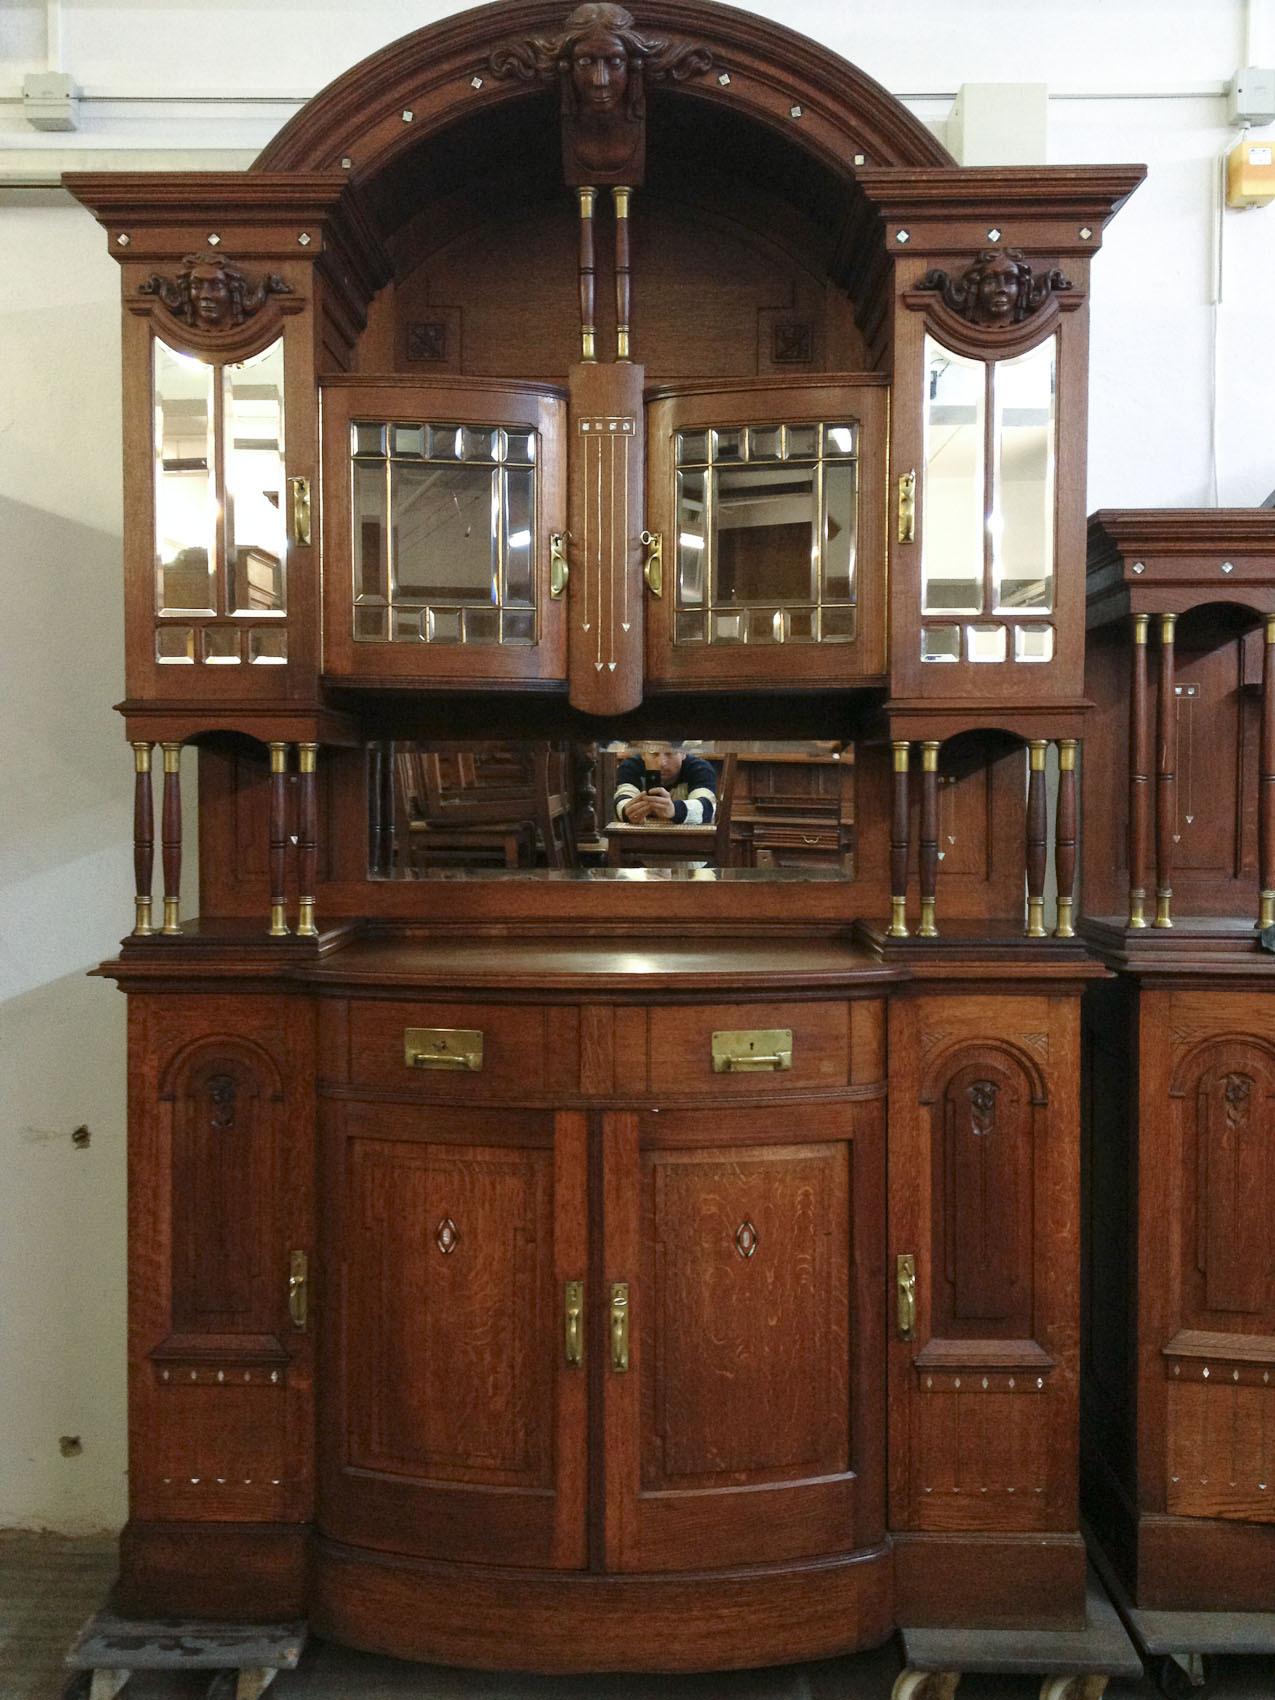 Antik esszimmer speisezimmer buffet anrichte spiegel tisch 6 st hle 1920 top ebay - Komplettes esszimmer ...